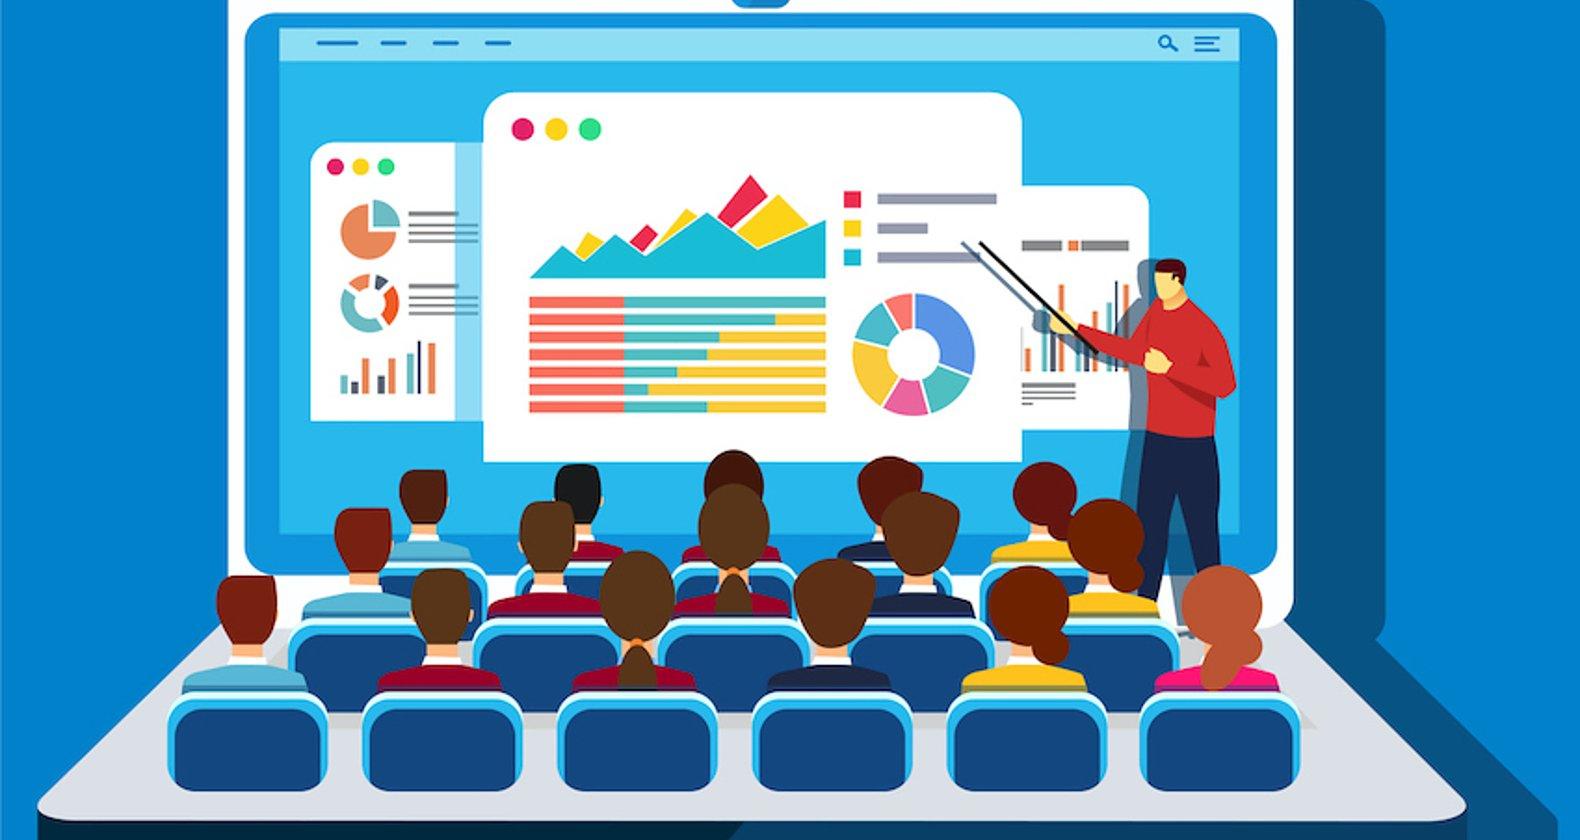 SDGsビジネスセミナー(ウェビナー)の開催情報・レポートの画像